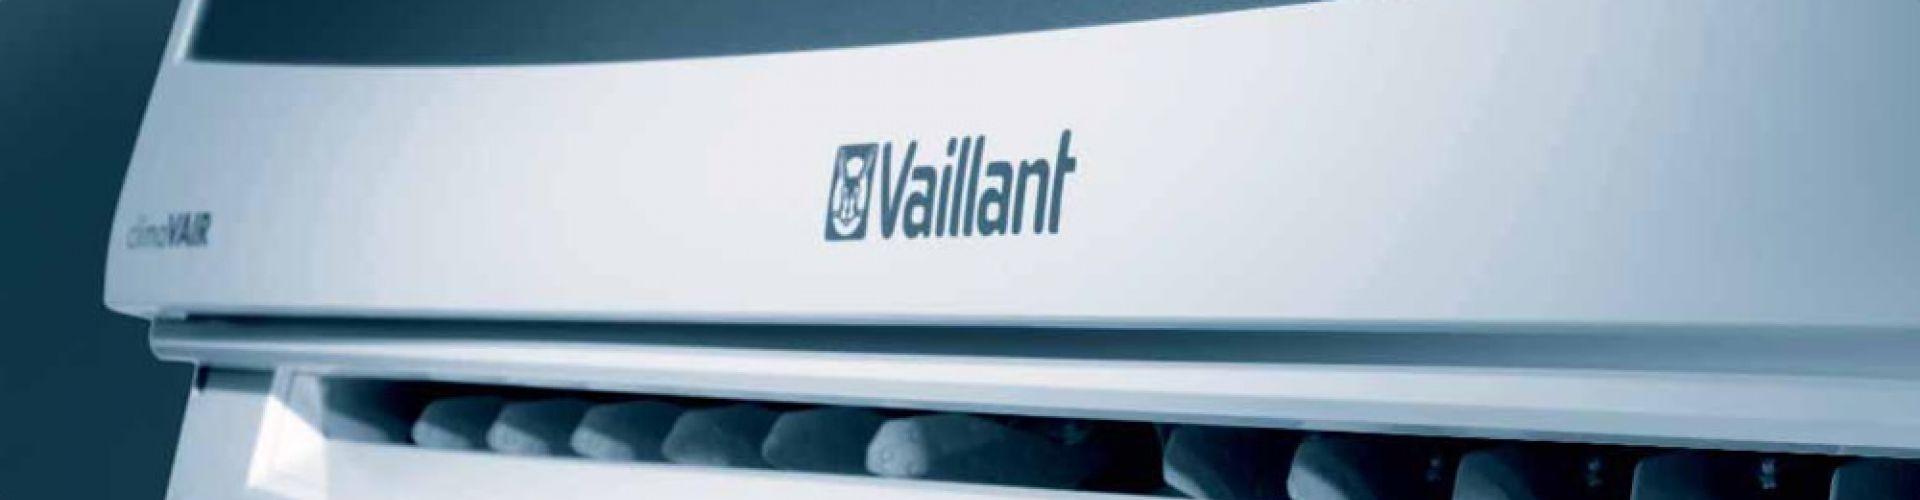 Nuova Energia Srl - Assistenza Vaillant